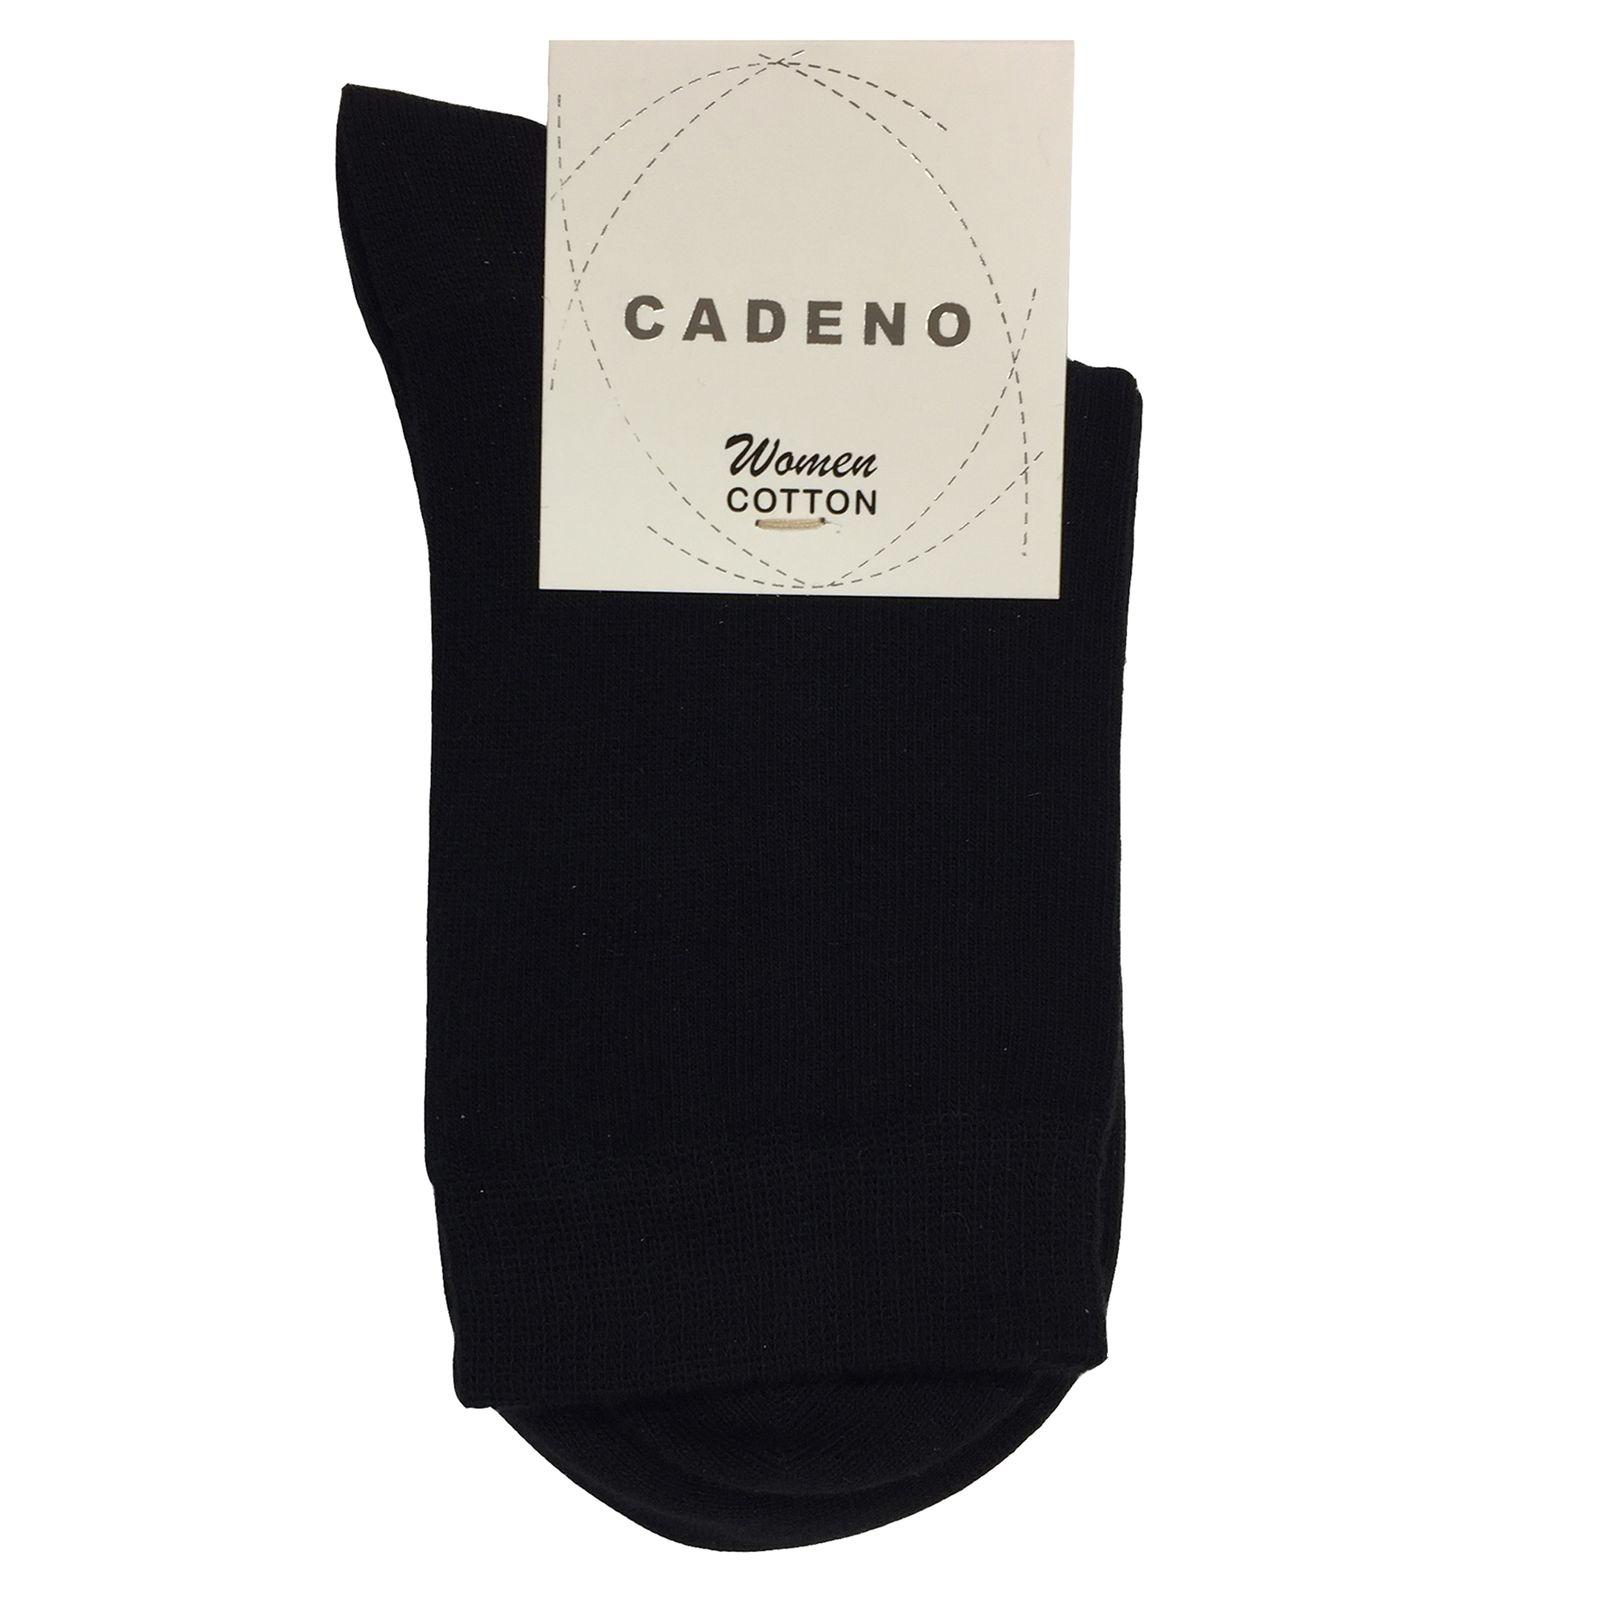 جوراب زنانه کادنو کد CAL1045 بسته 3 عددیرنگ مشکی -  - 3